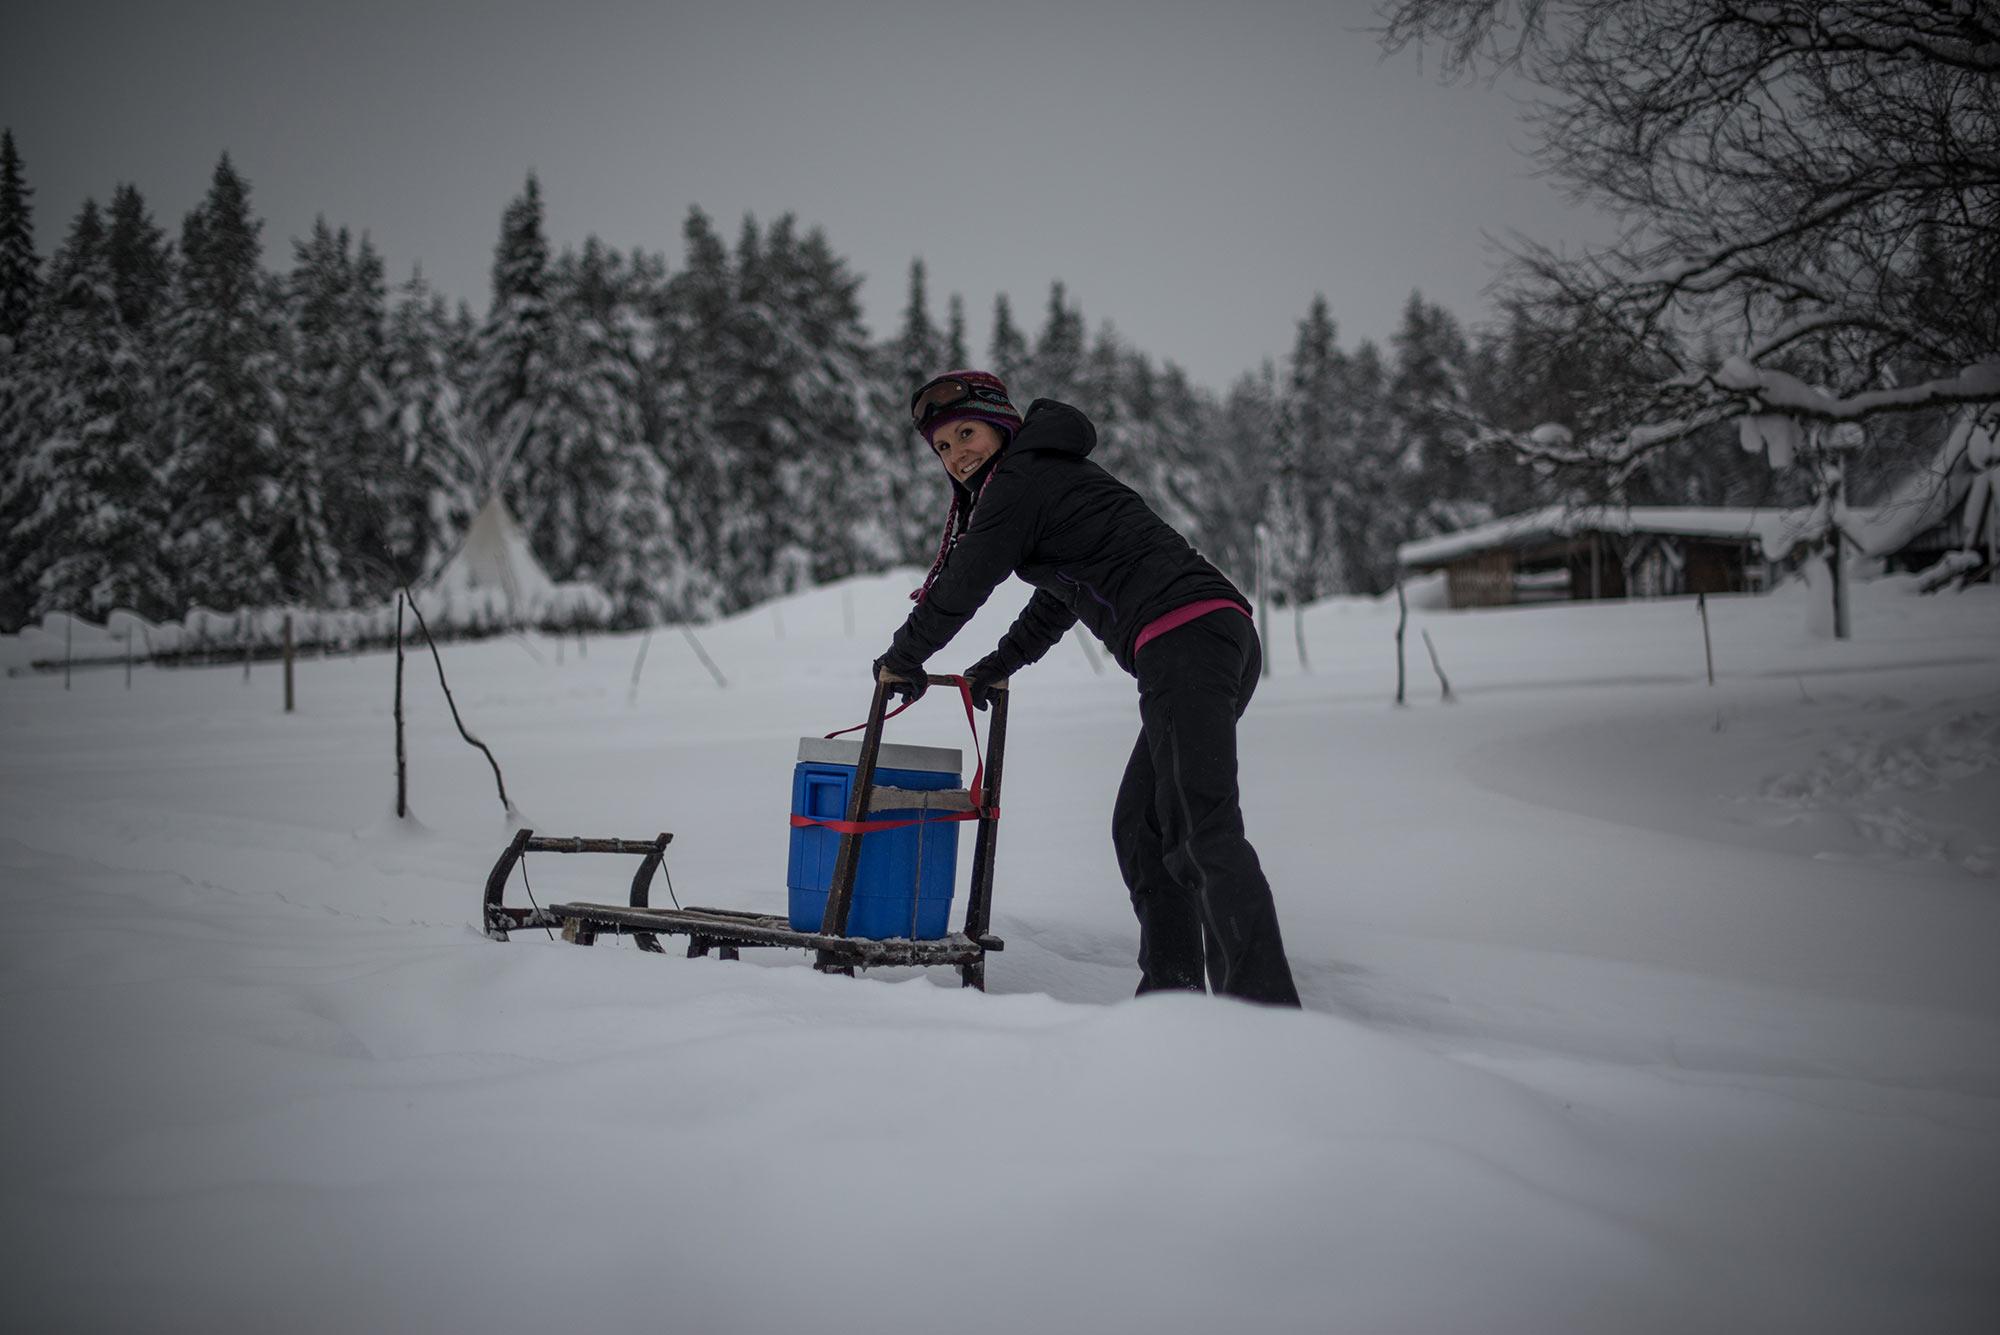 abenteuerreich Erlebnistouren, Solberget, Wildnisdorf, Lappland, Polarkreis, Winterurlaub, Slowtravel